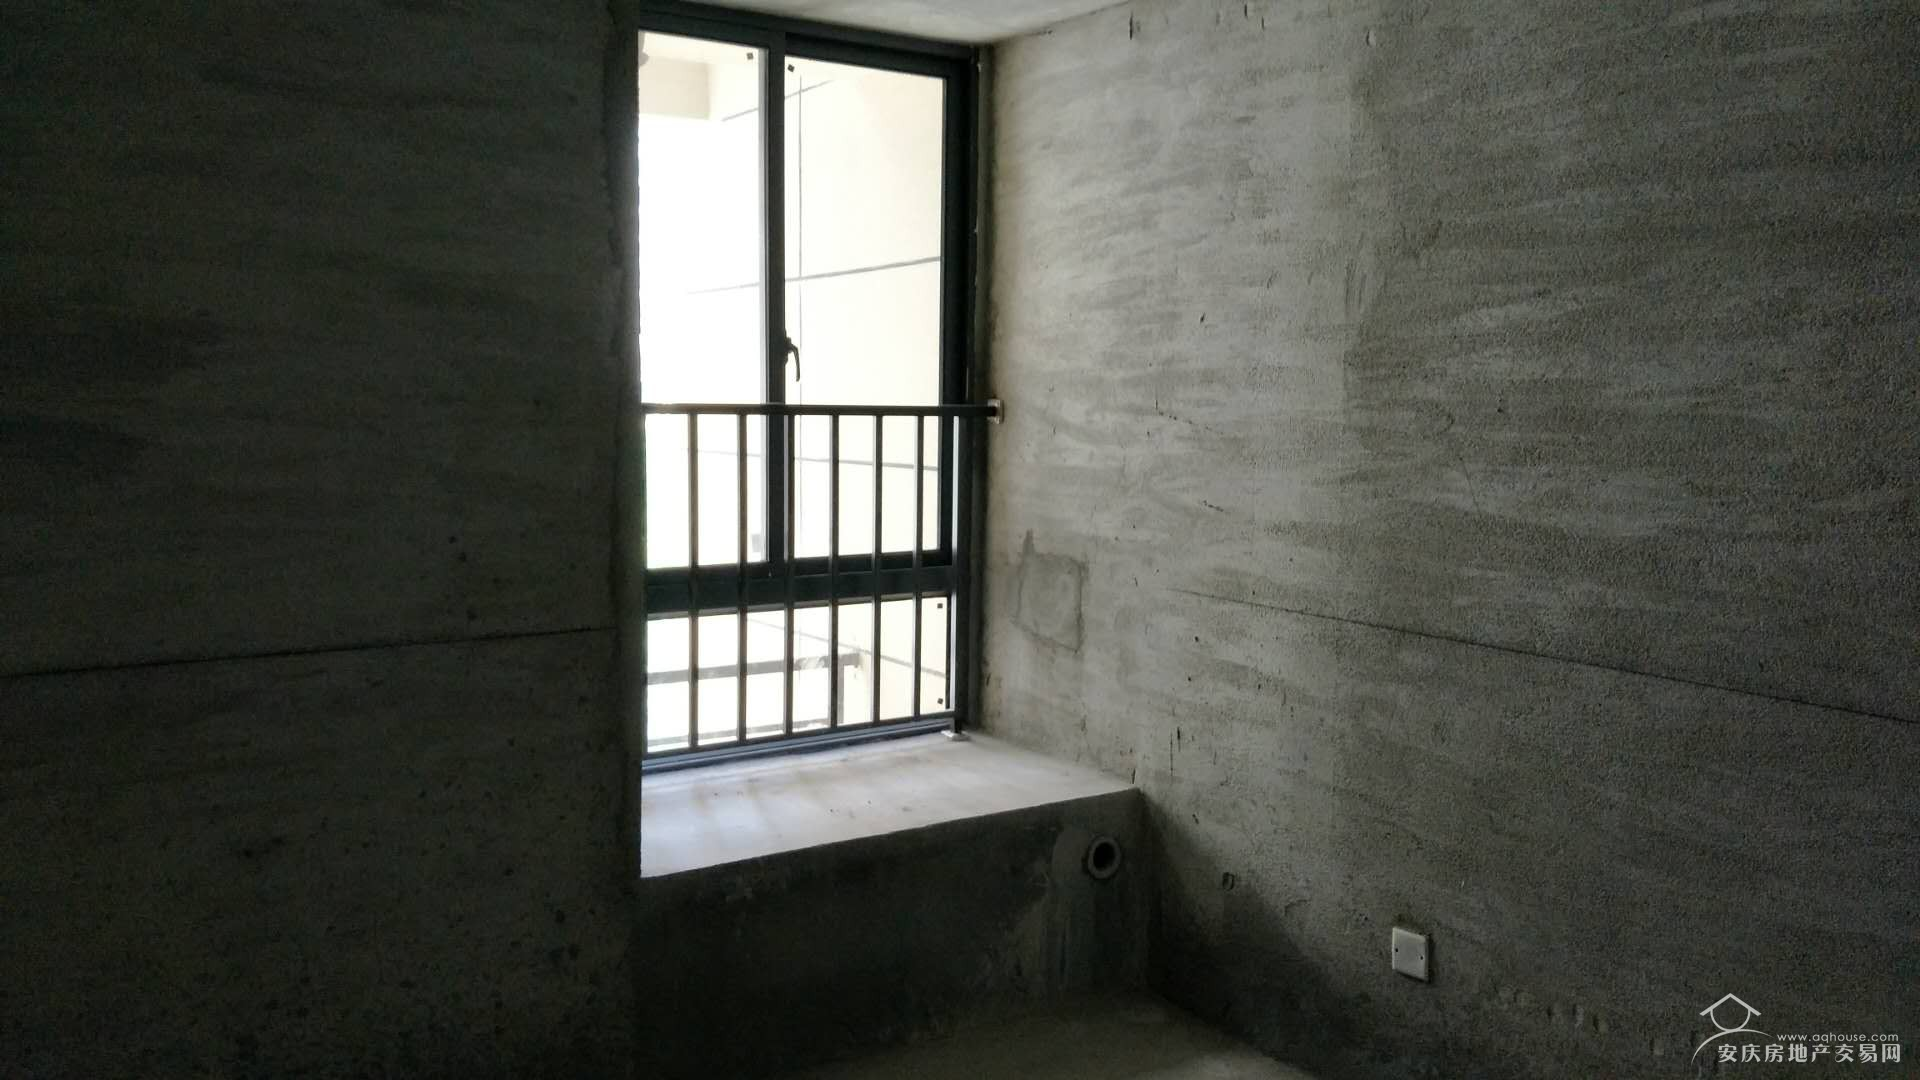 绿地四期+104平三房无浪费空间+楼距大+采光好+性价比高